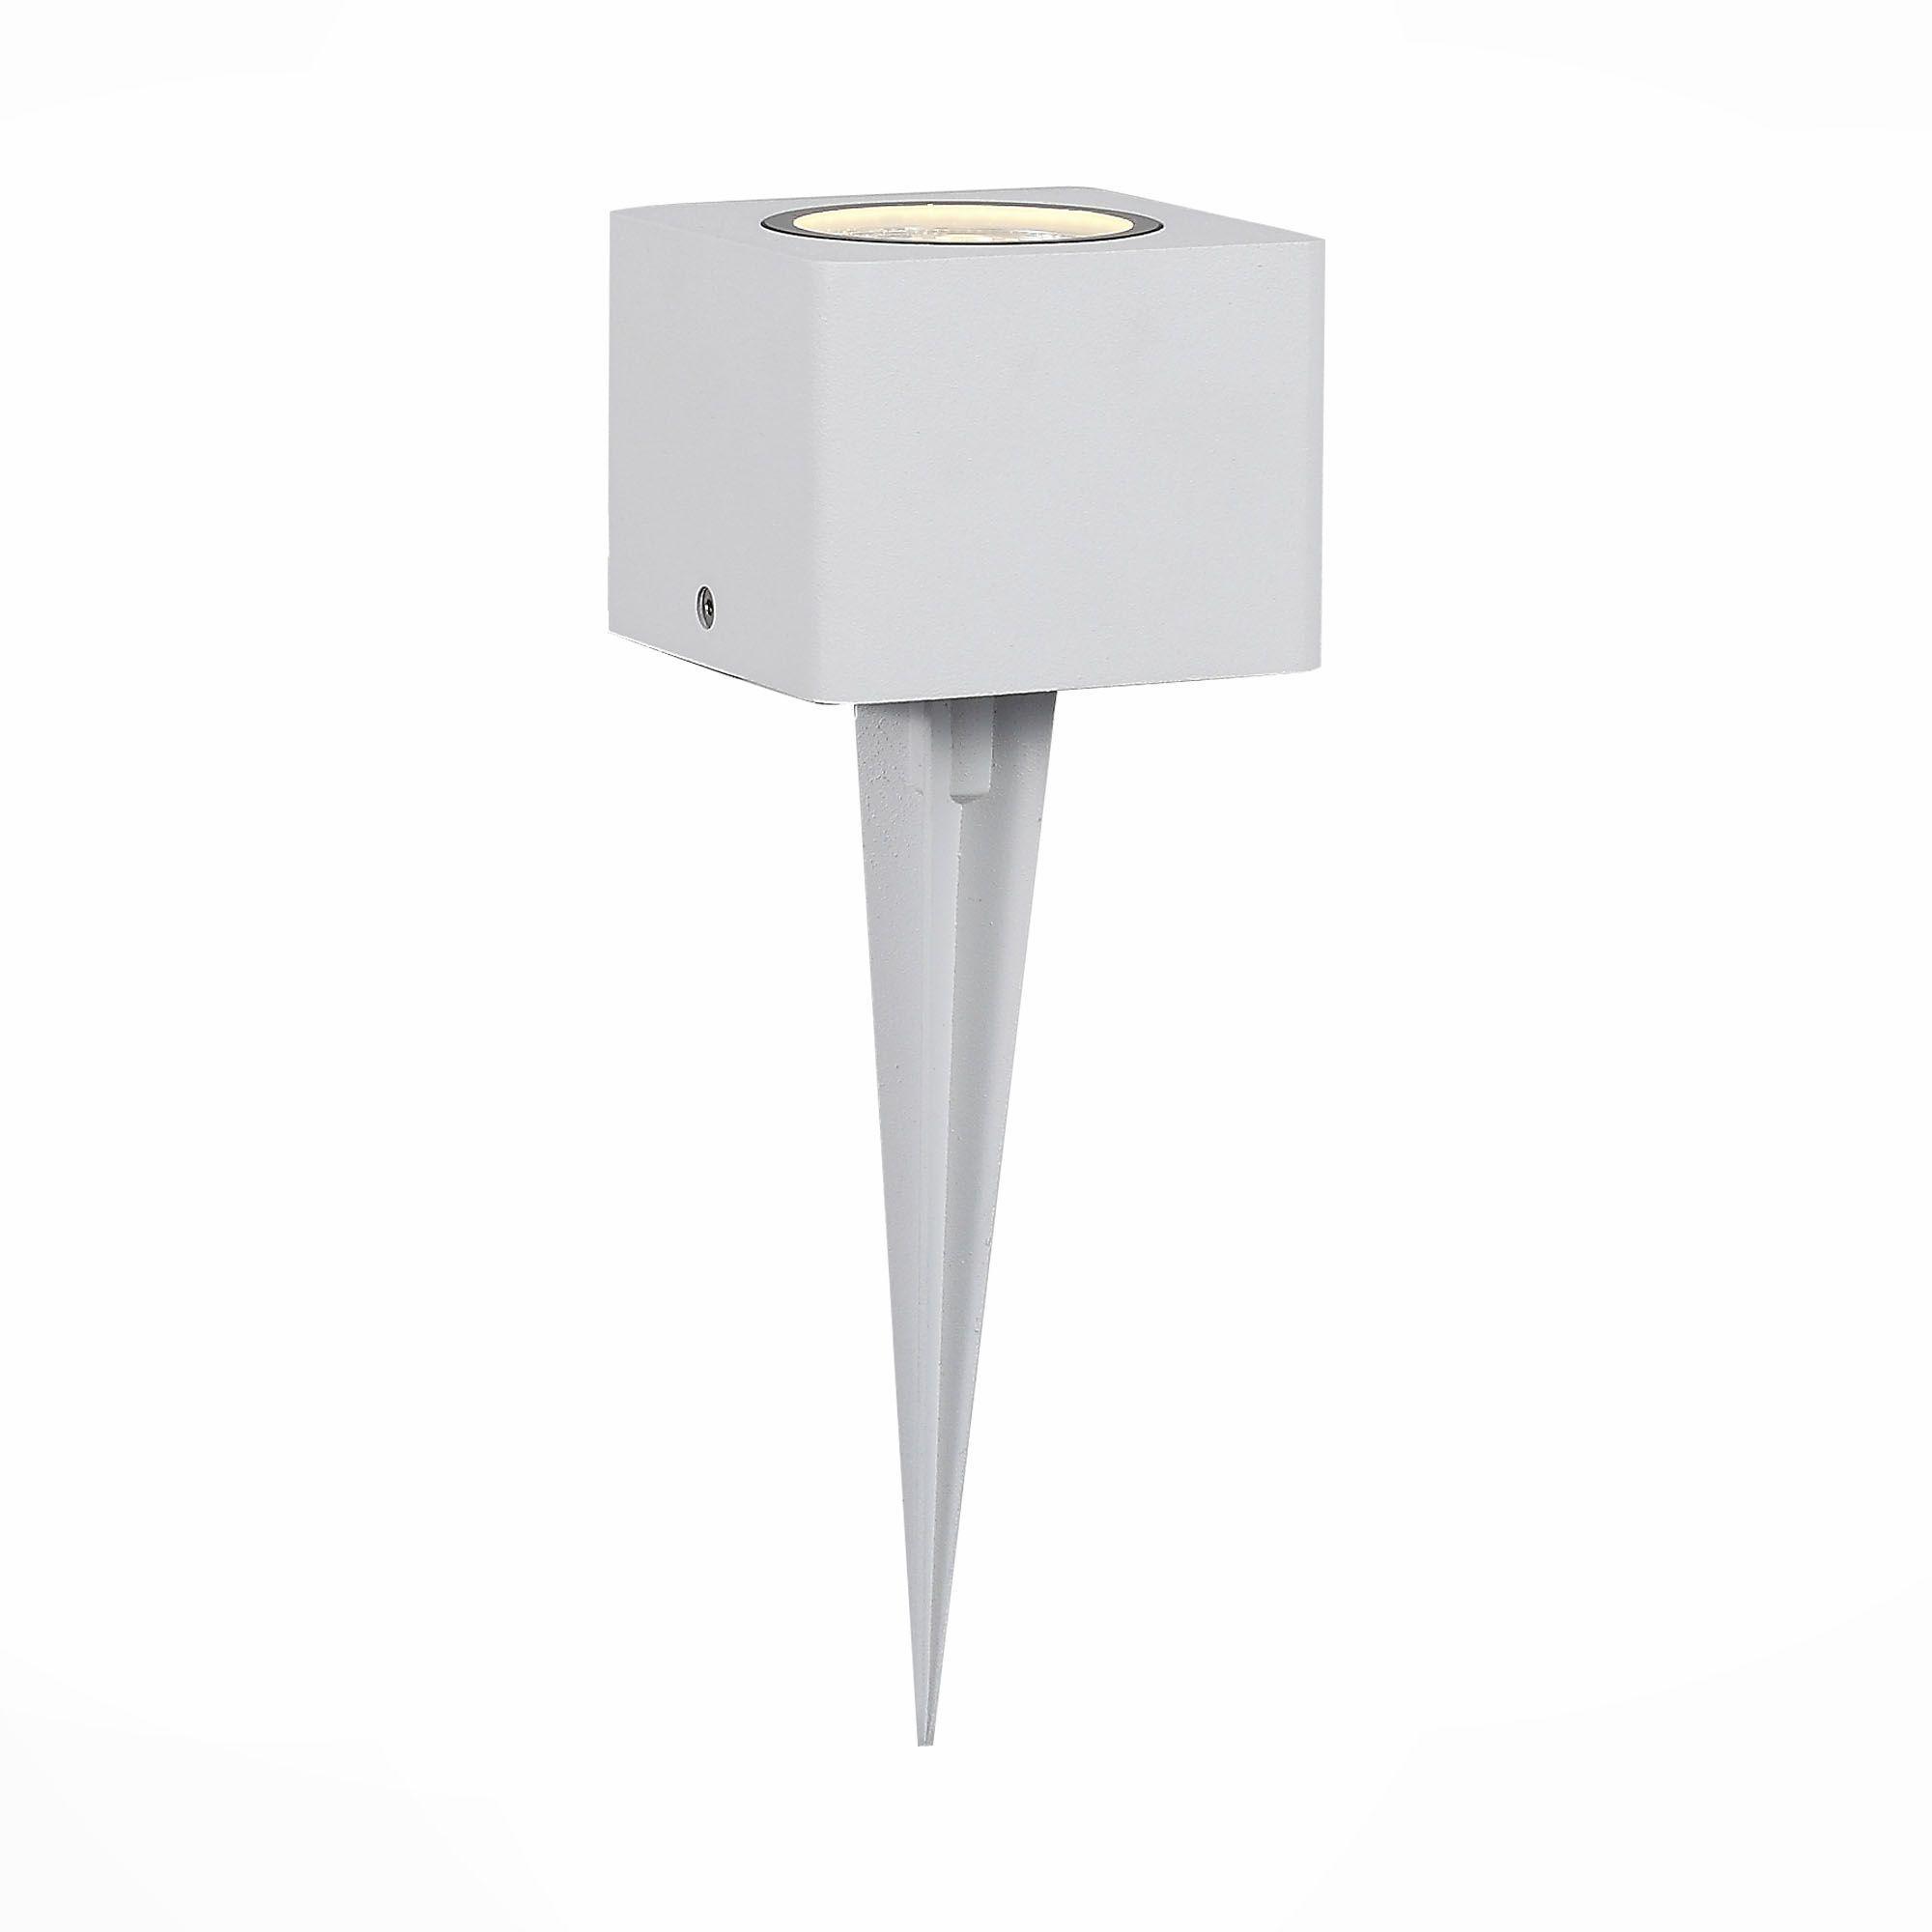 Светильник уличный наземный ST-Luce Белый/Прозрачный LED 1*8W SL097.505.01